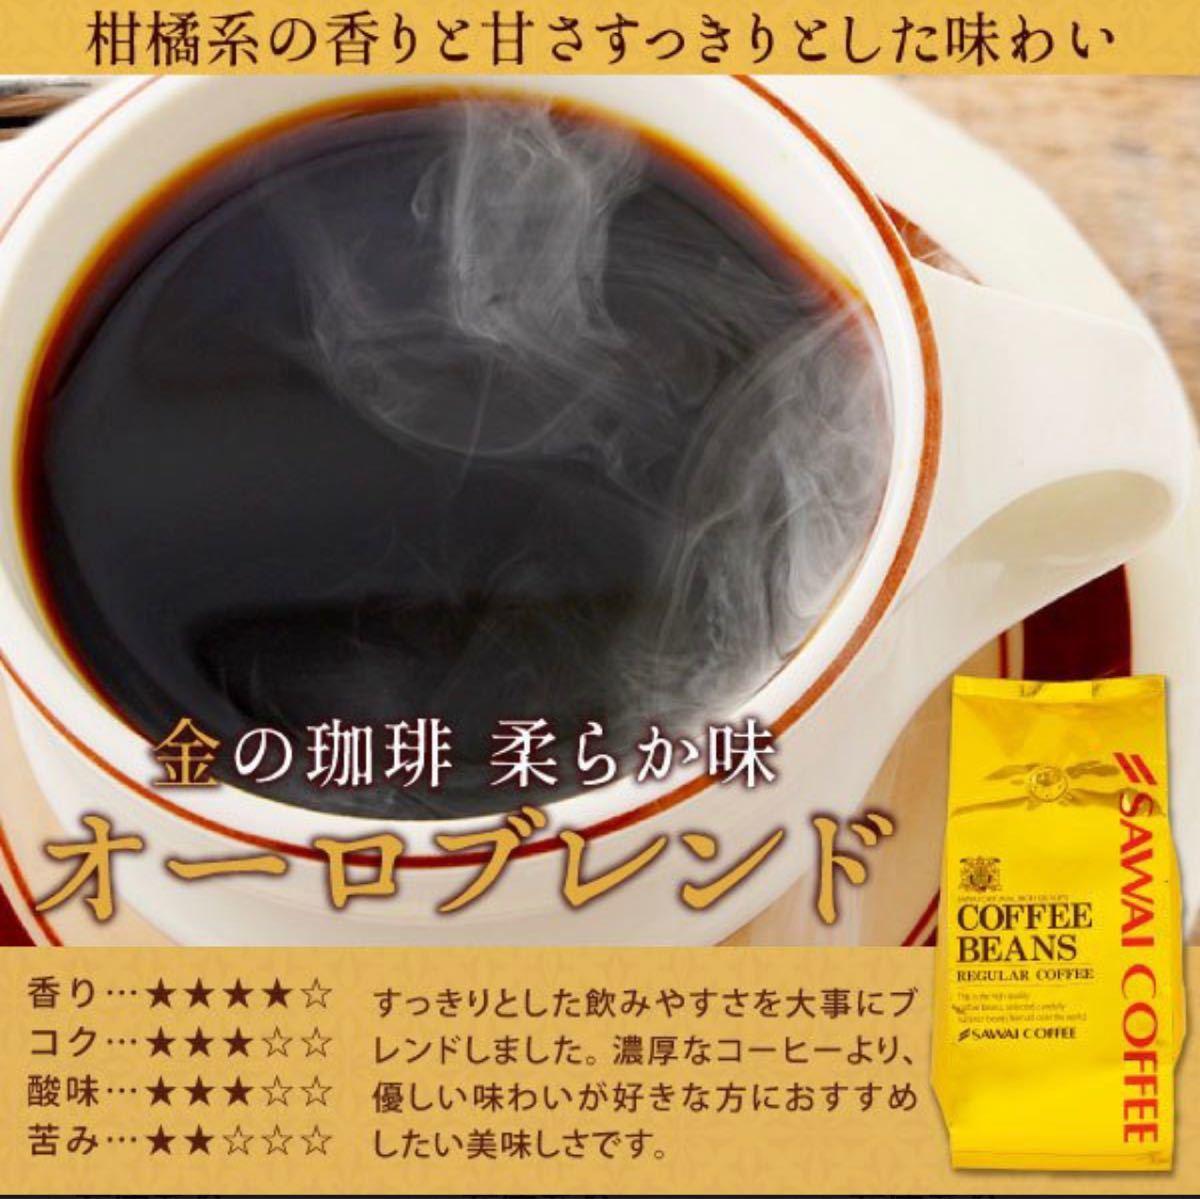 澤井珈琲 コーヒー豆 オーロブレンド プラタブレンド  2kg